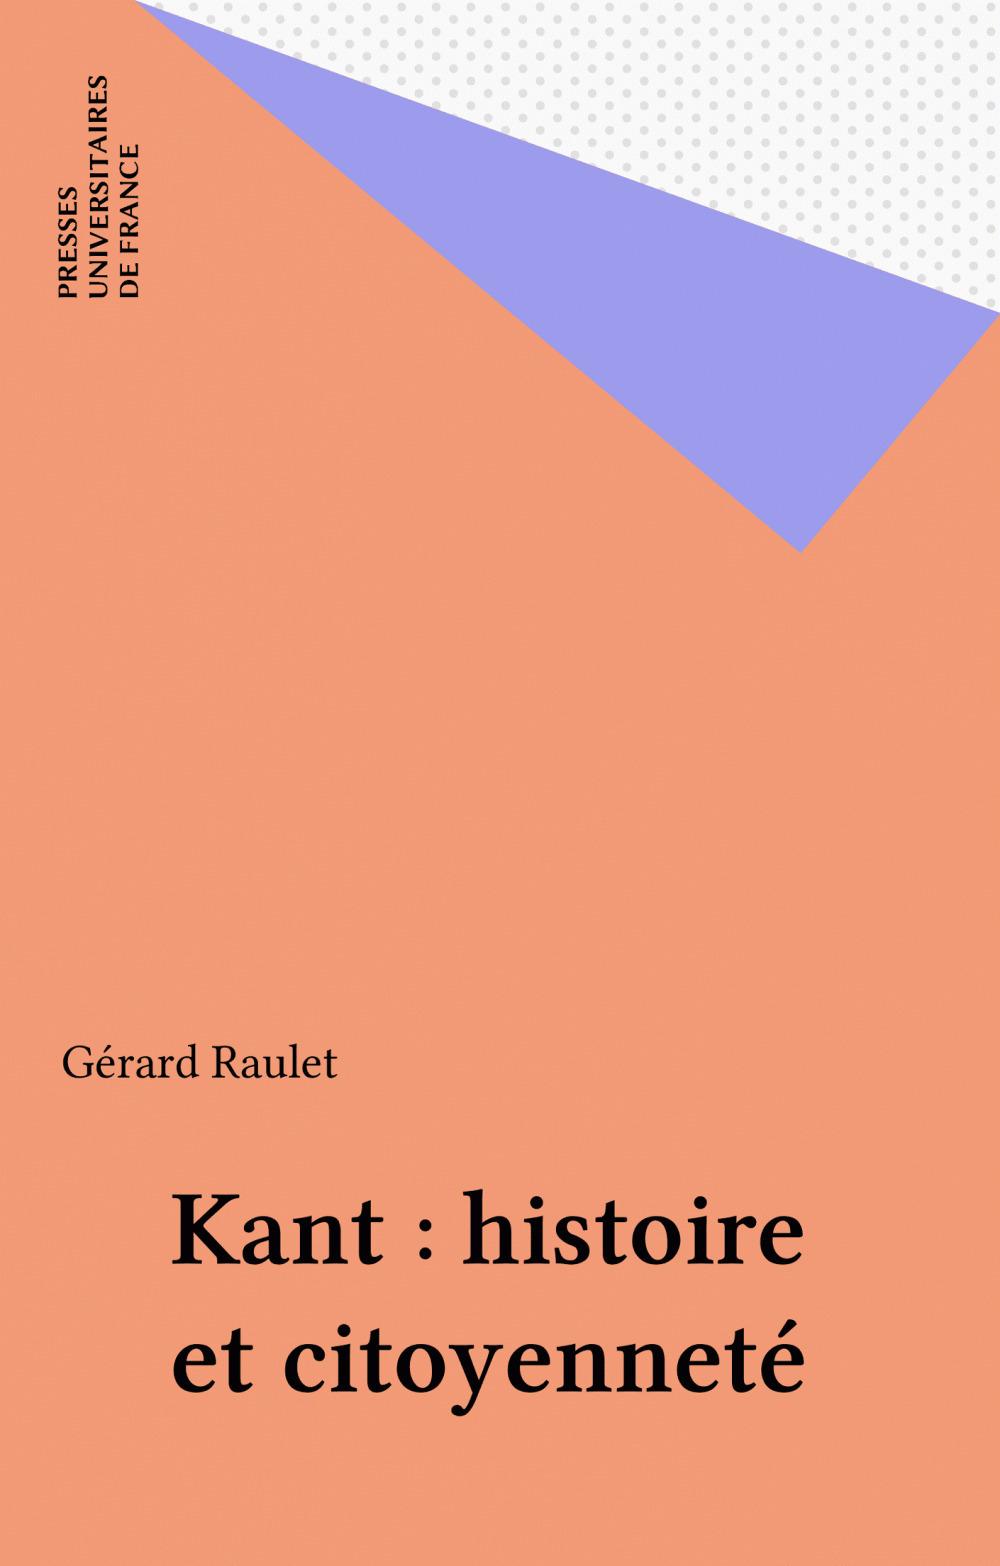 Kant : histoire et citoyenneté